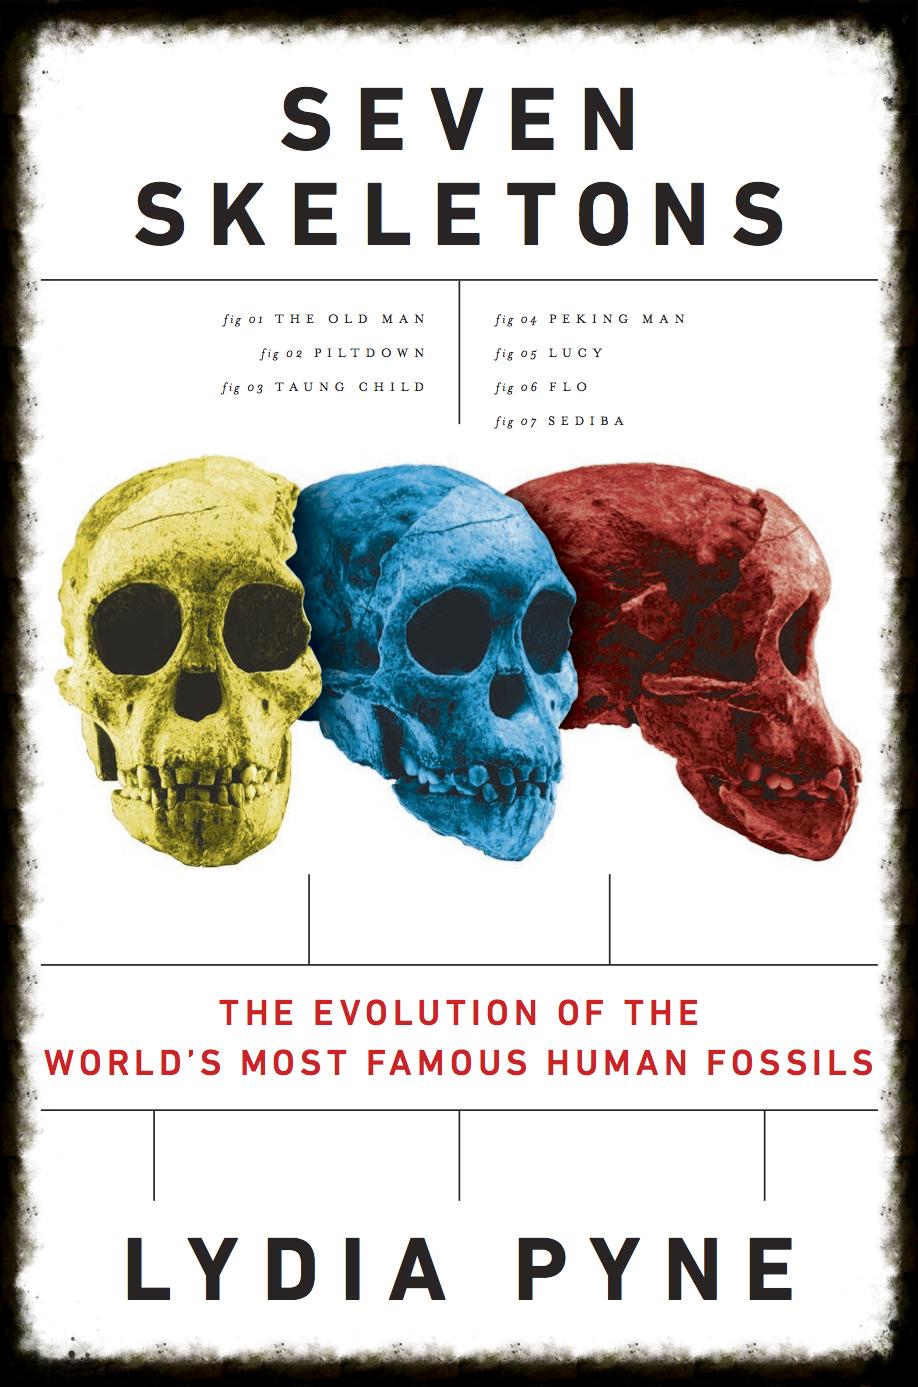 Seven Skeletons Website.png